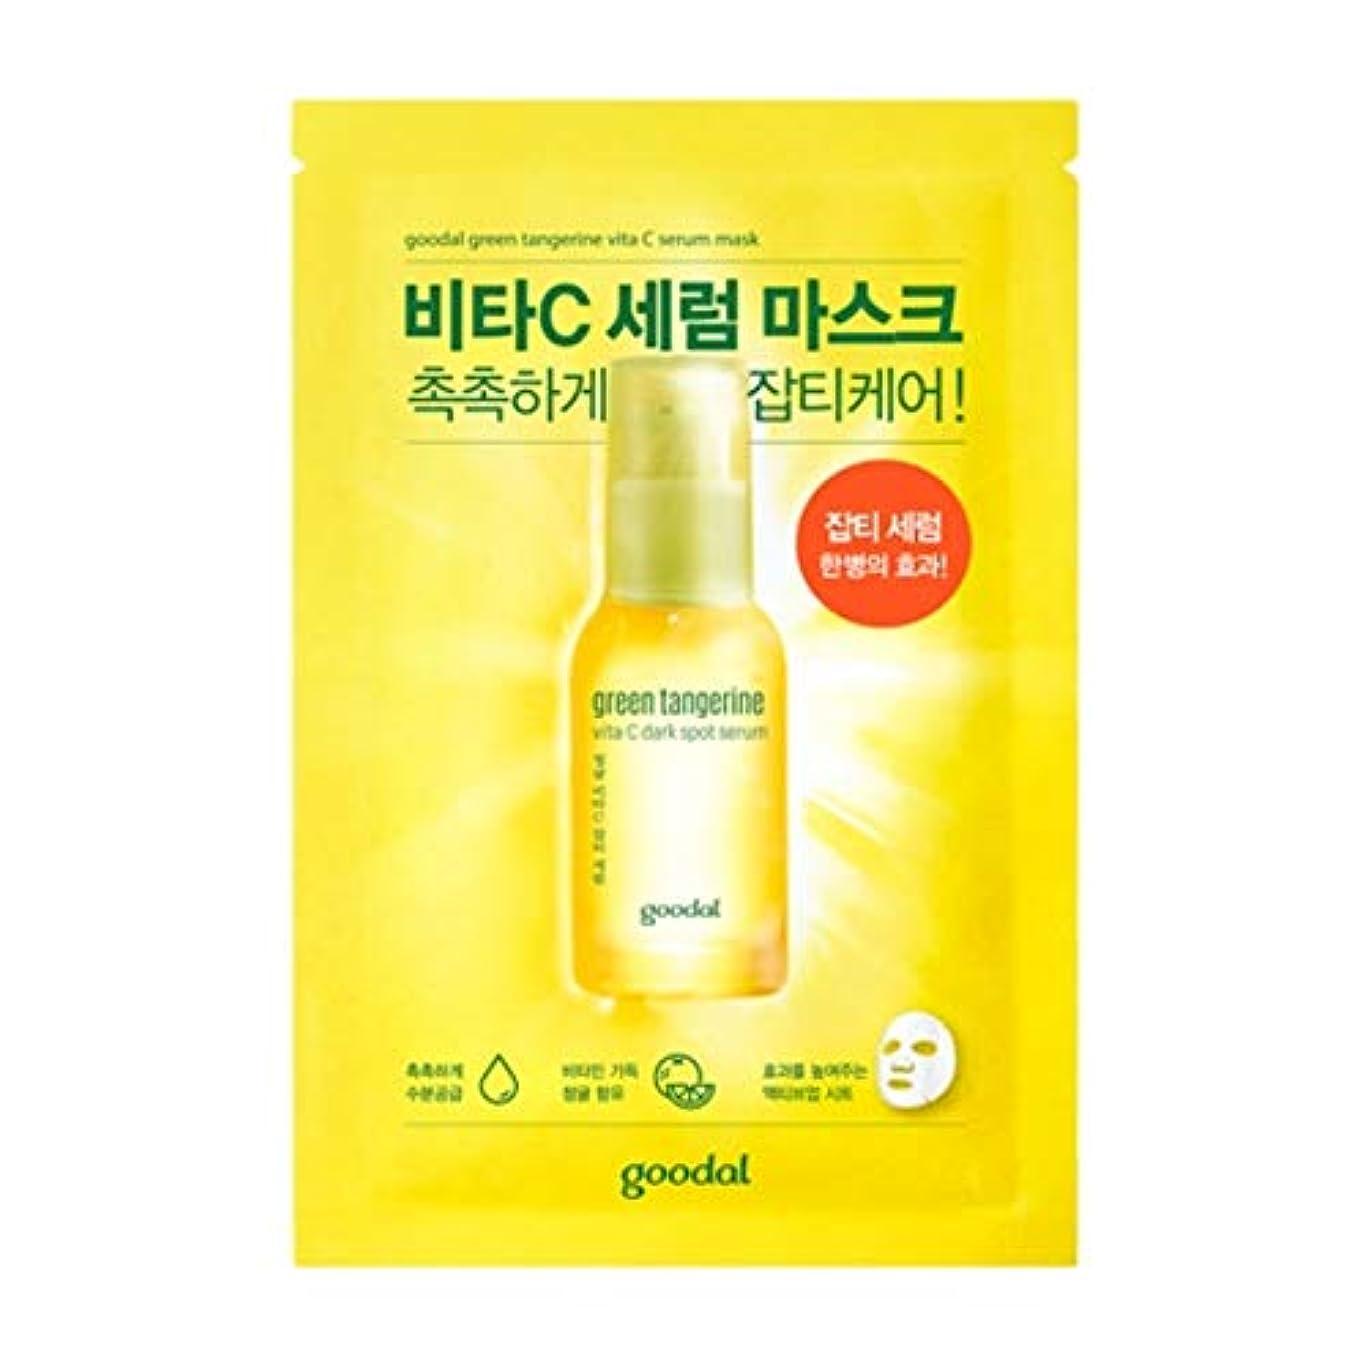 偽装する構造後者Goodal Green Tangerine Vita C Dark Spot Serum Sheet mask チョンギュル、ビタC汚れセラムシートマスク (1 Sheet (1シート)) [並行輸入品]